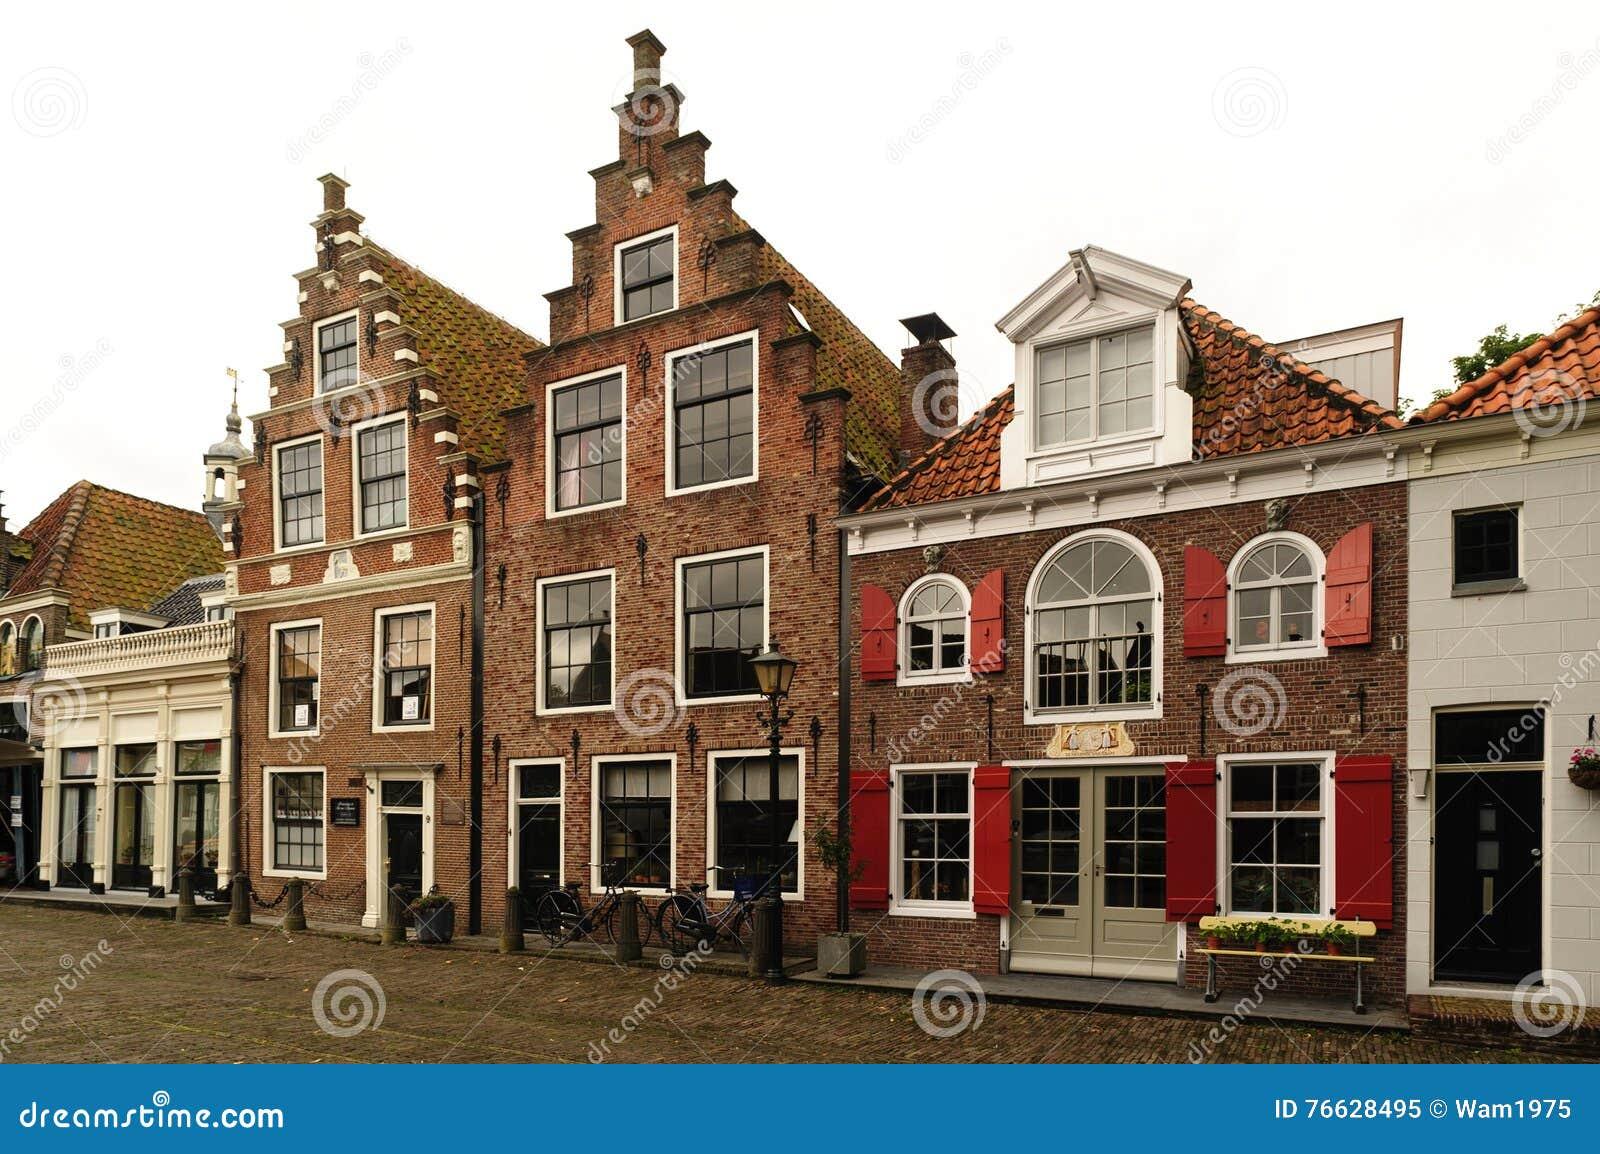 Oud huis in nederland stock afbeelding afbeelding bestaande uit achtergrond 76628495 - Foto huis in l ...